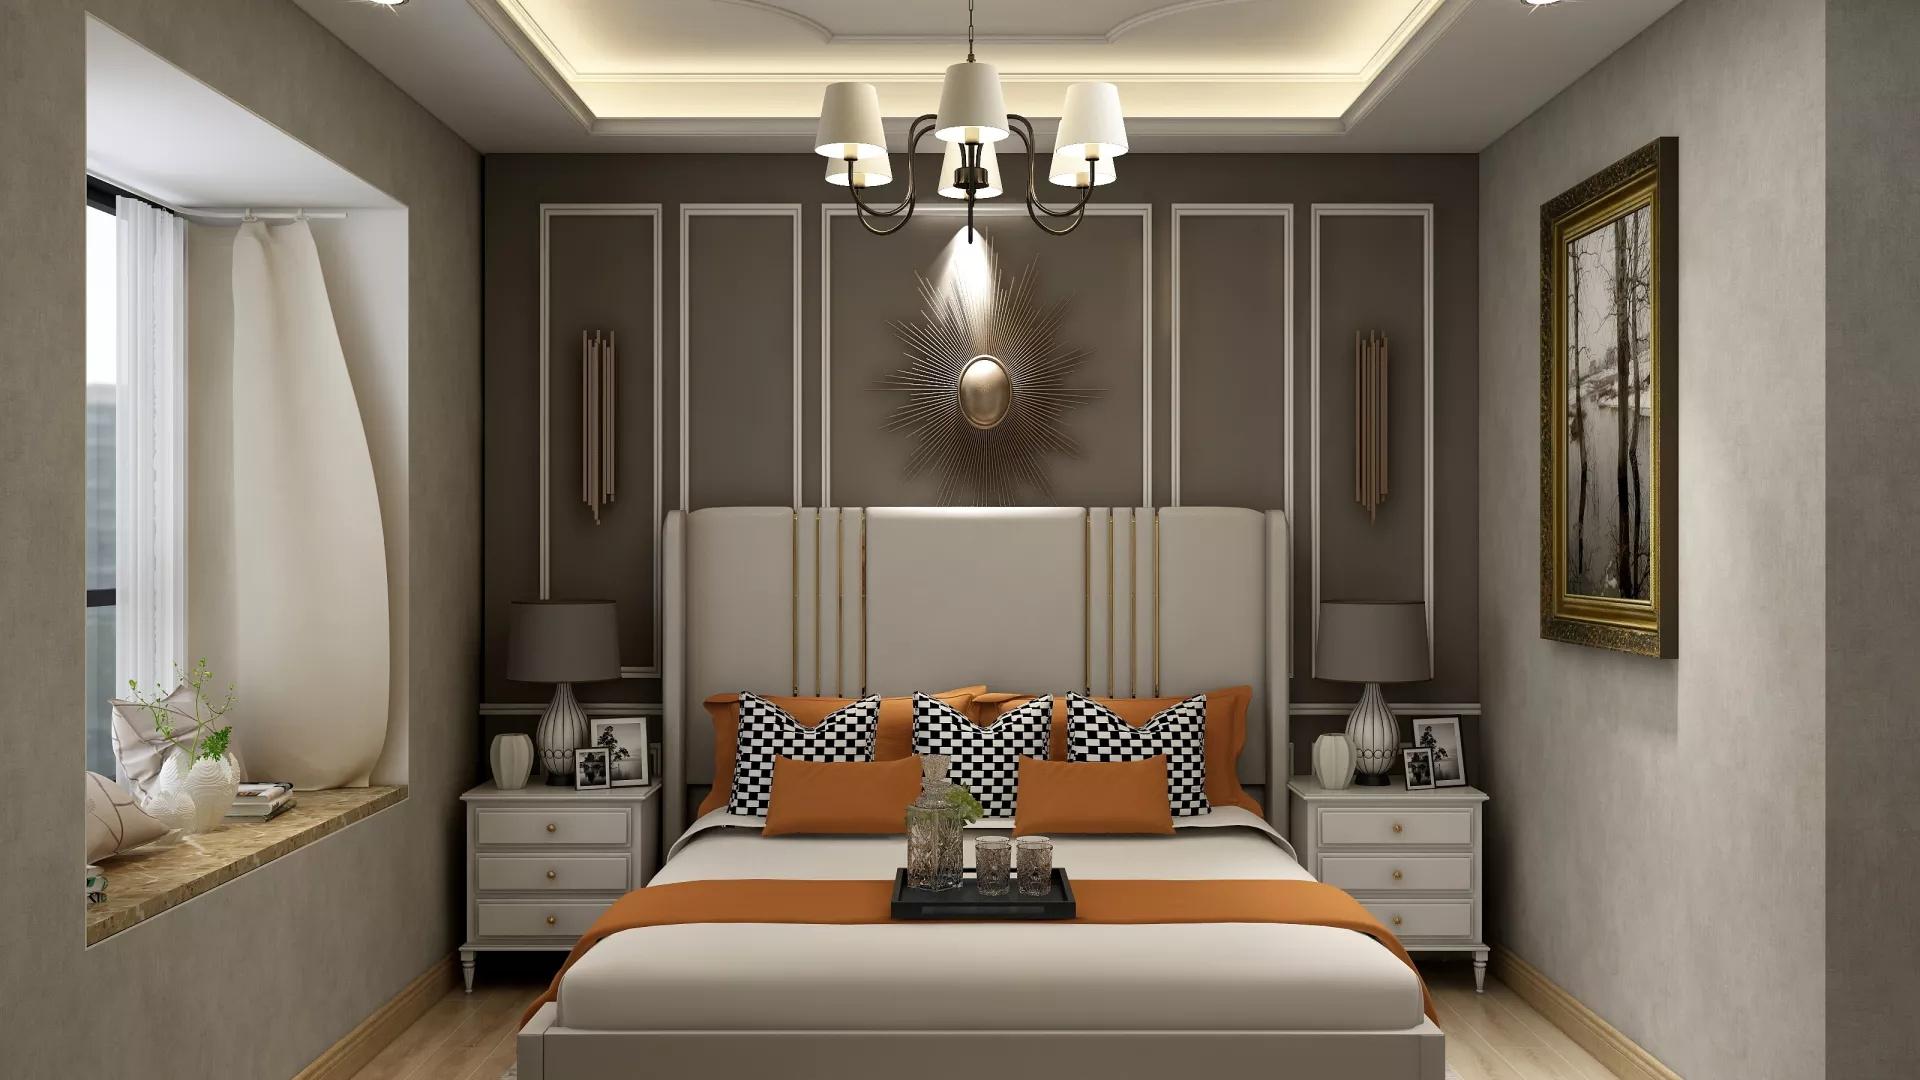 舒适的简约公寓客厅装修效果图